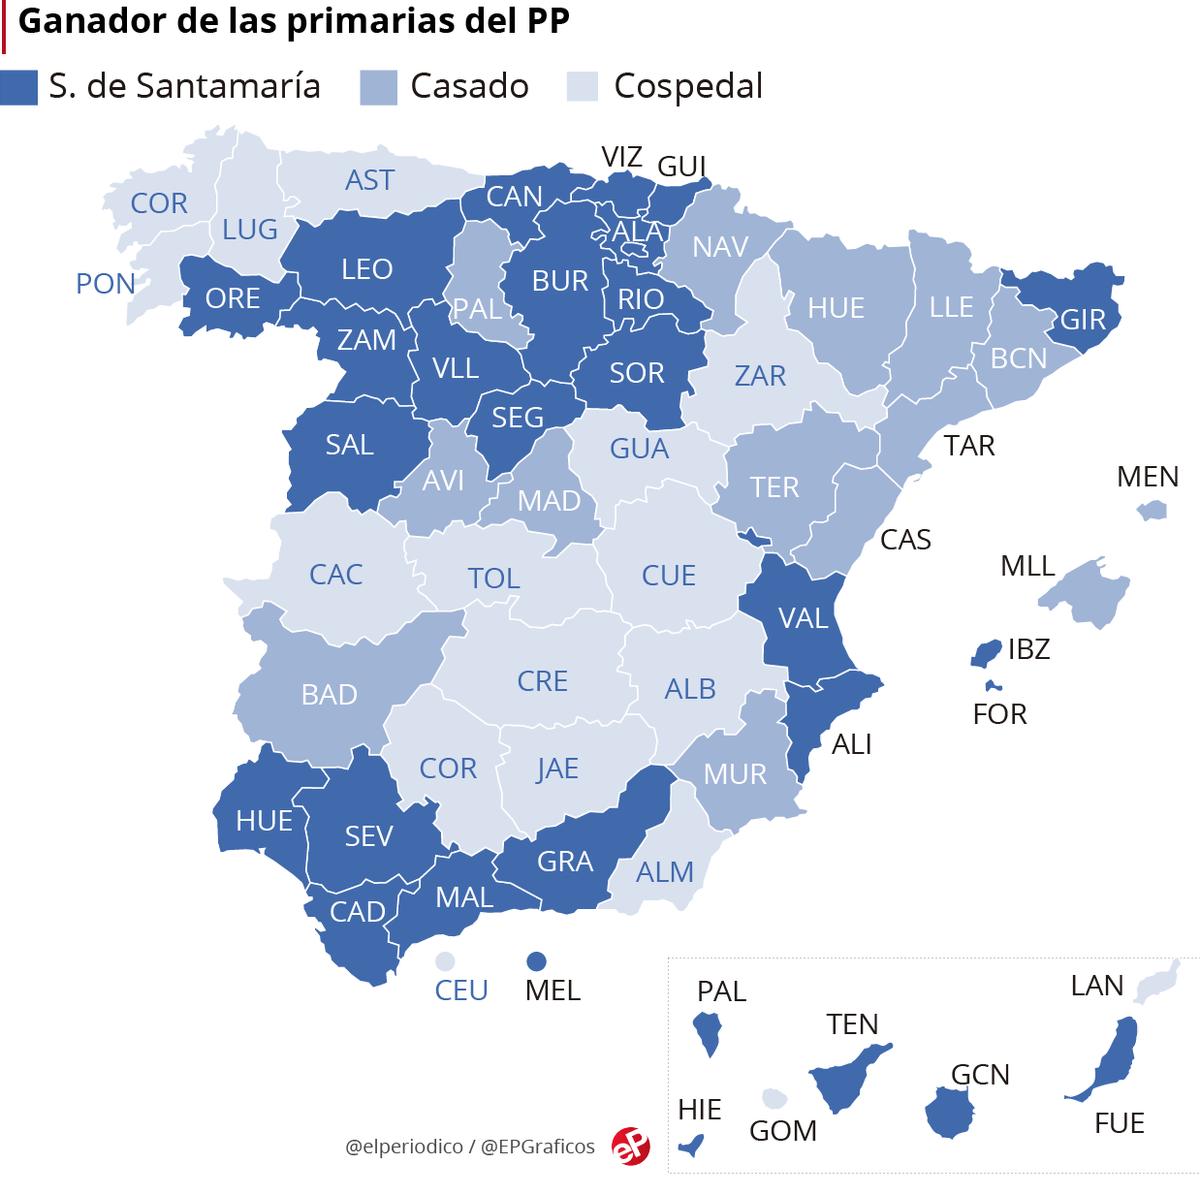 Resultados de las primarias del PP por comunidades y por provincias